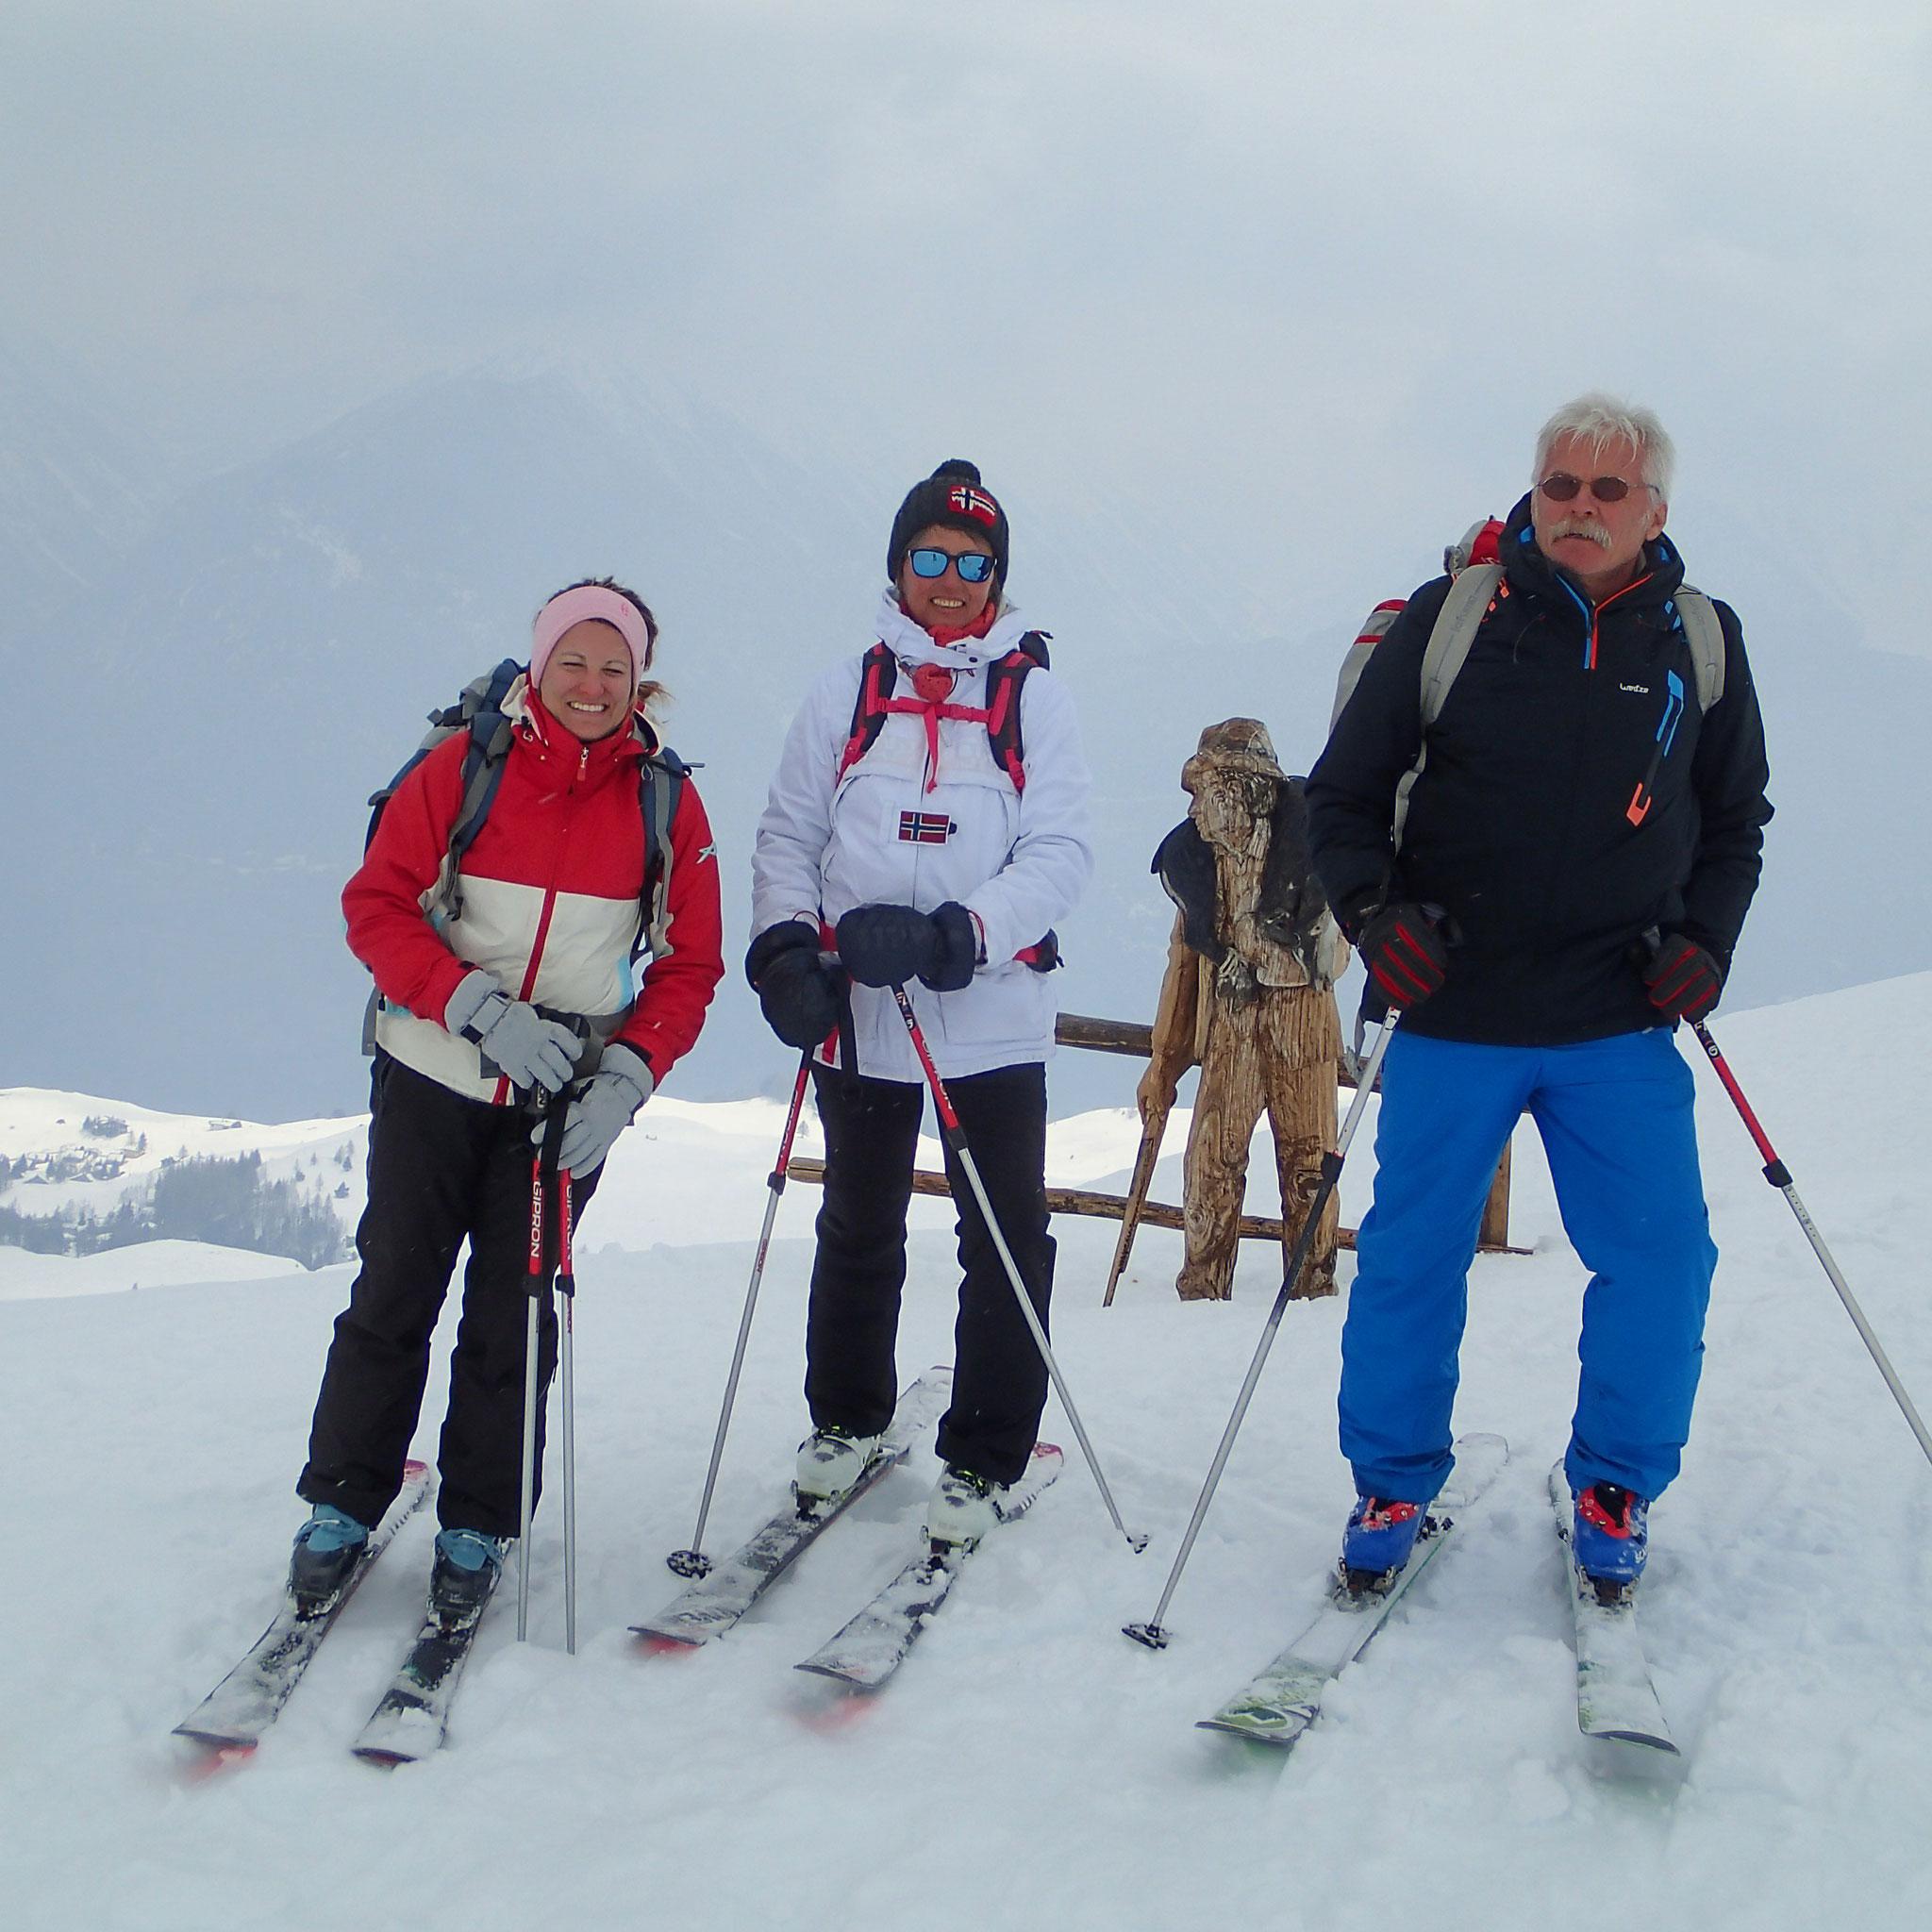 Il est temps de redescendre et skier !